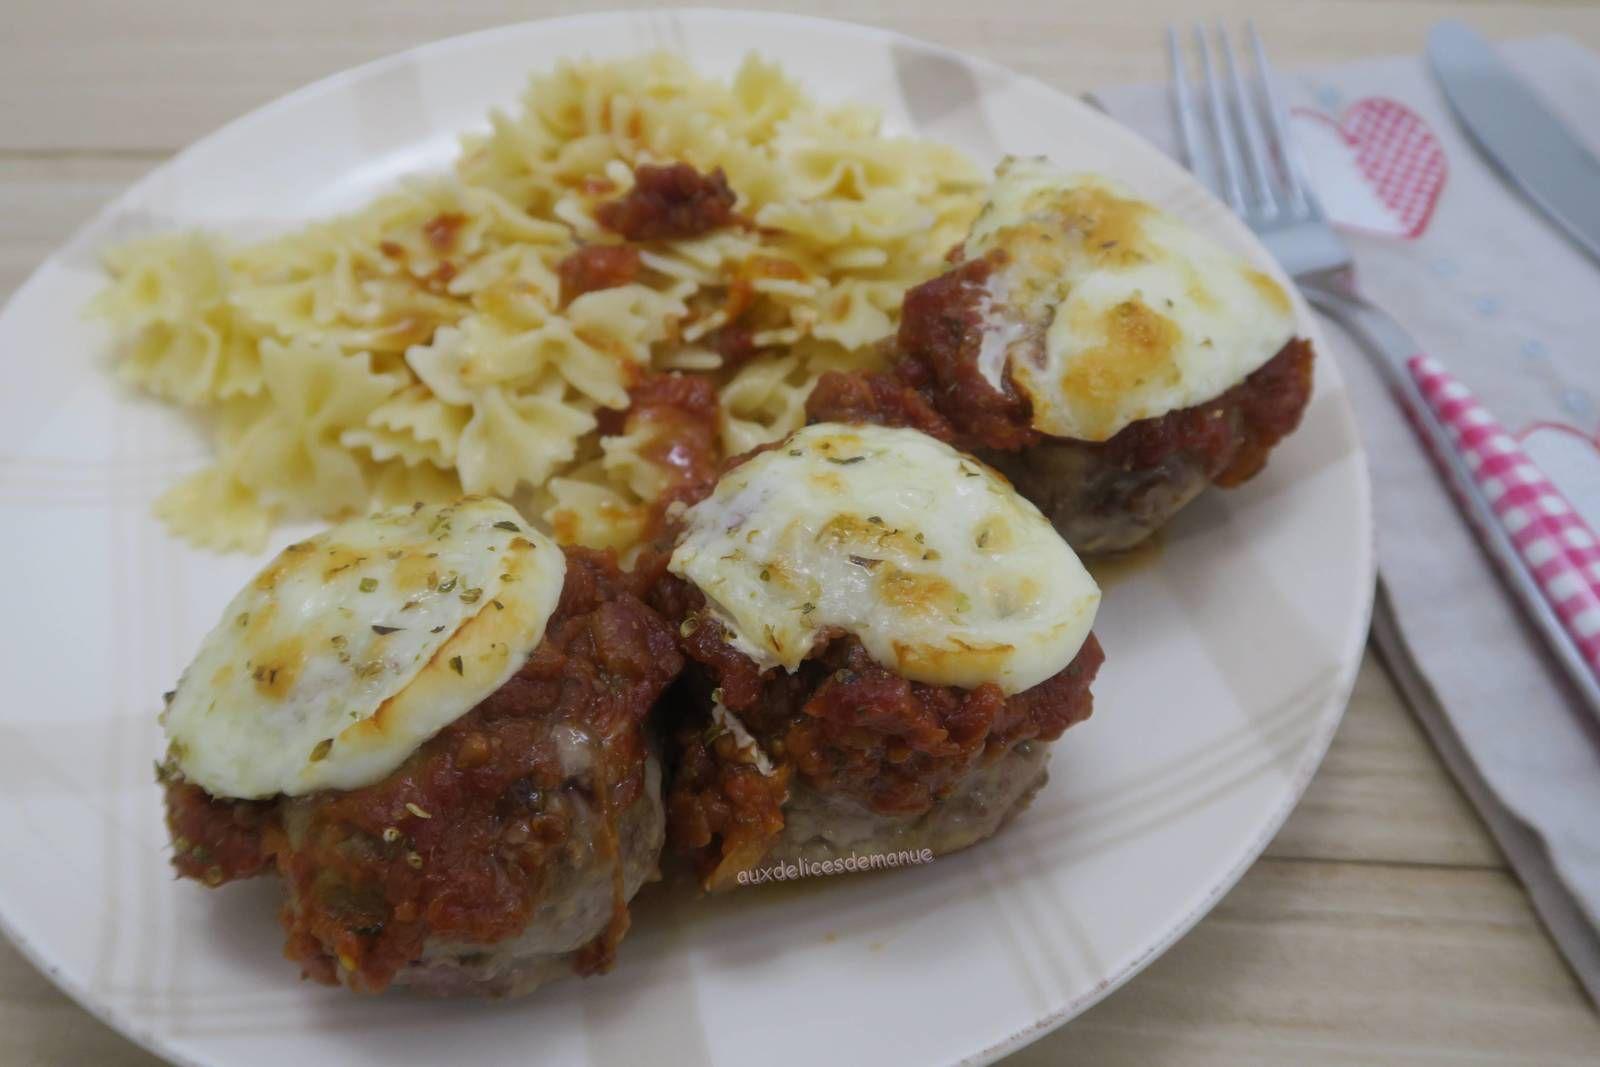 boulettes,boeuf,saucisse,chipolata,mozzarella,plat en sauce,gratin